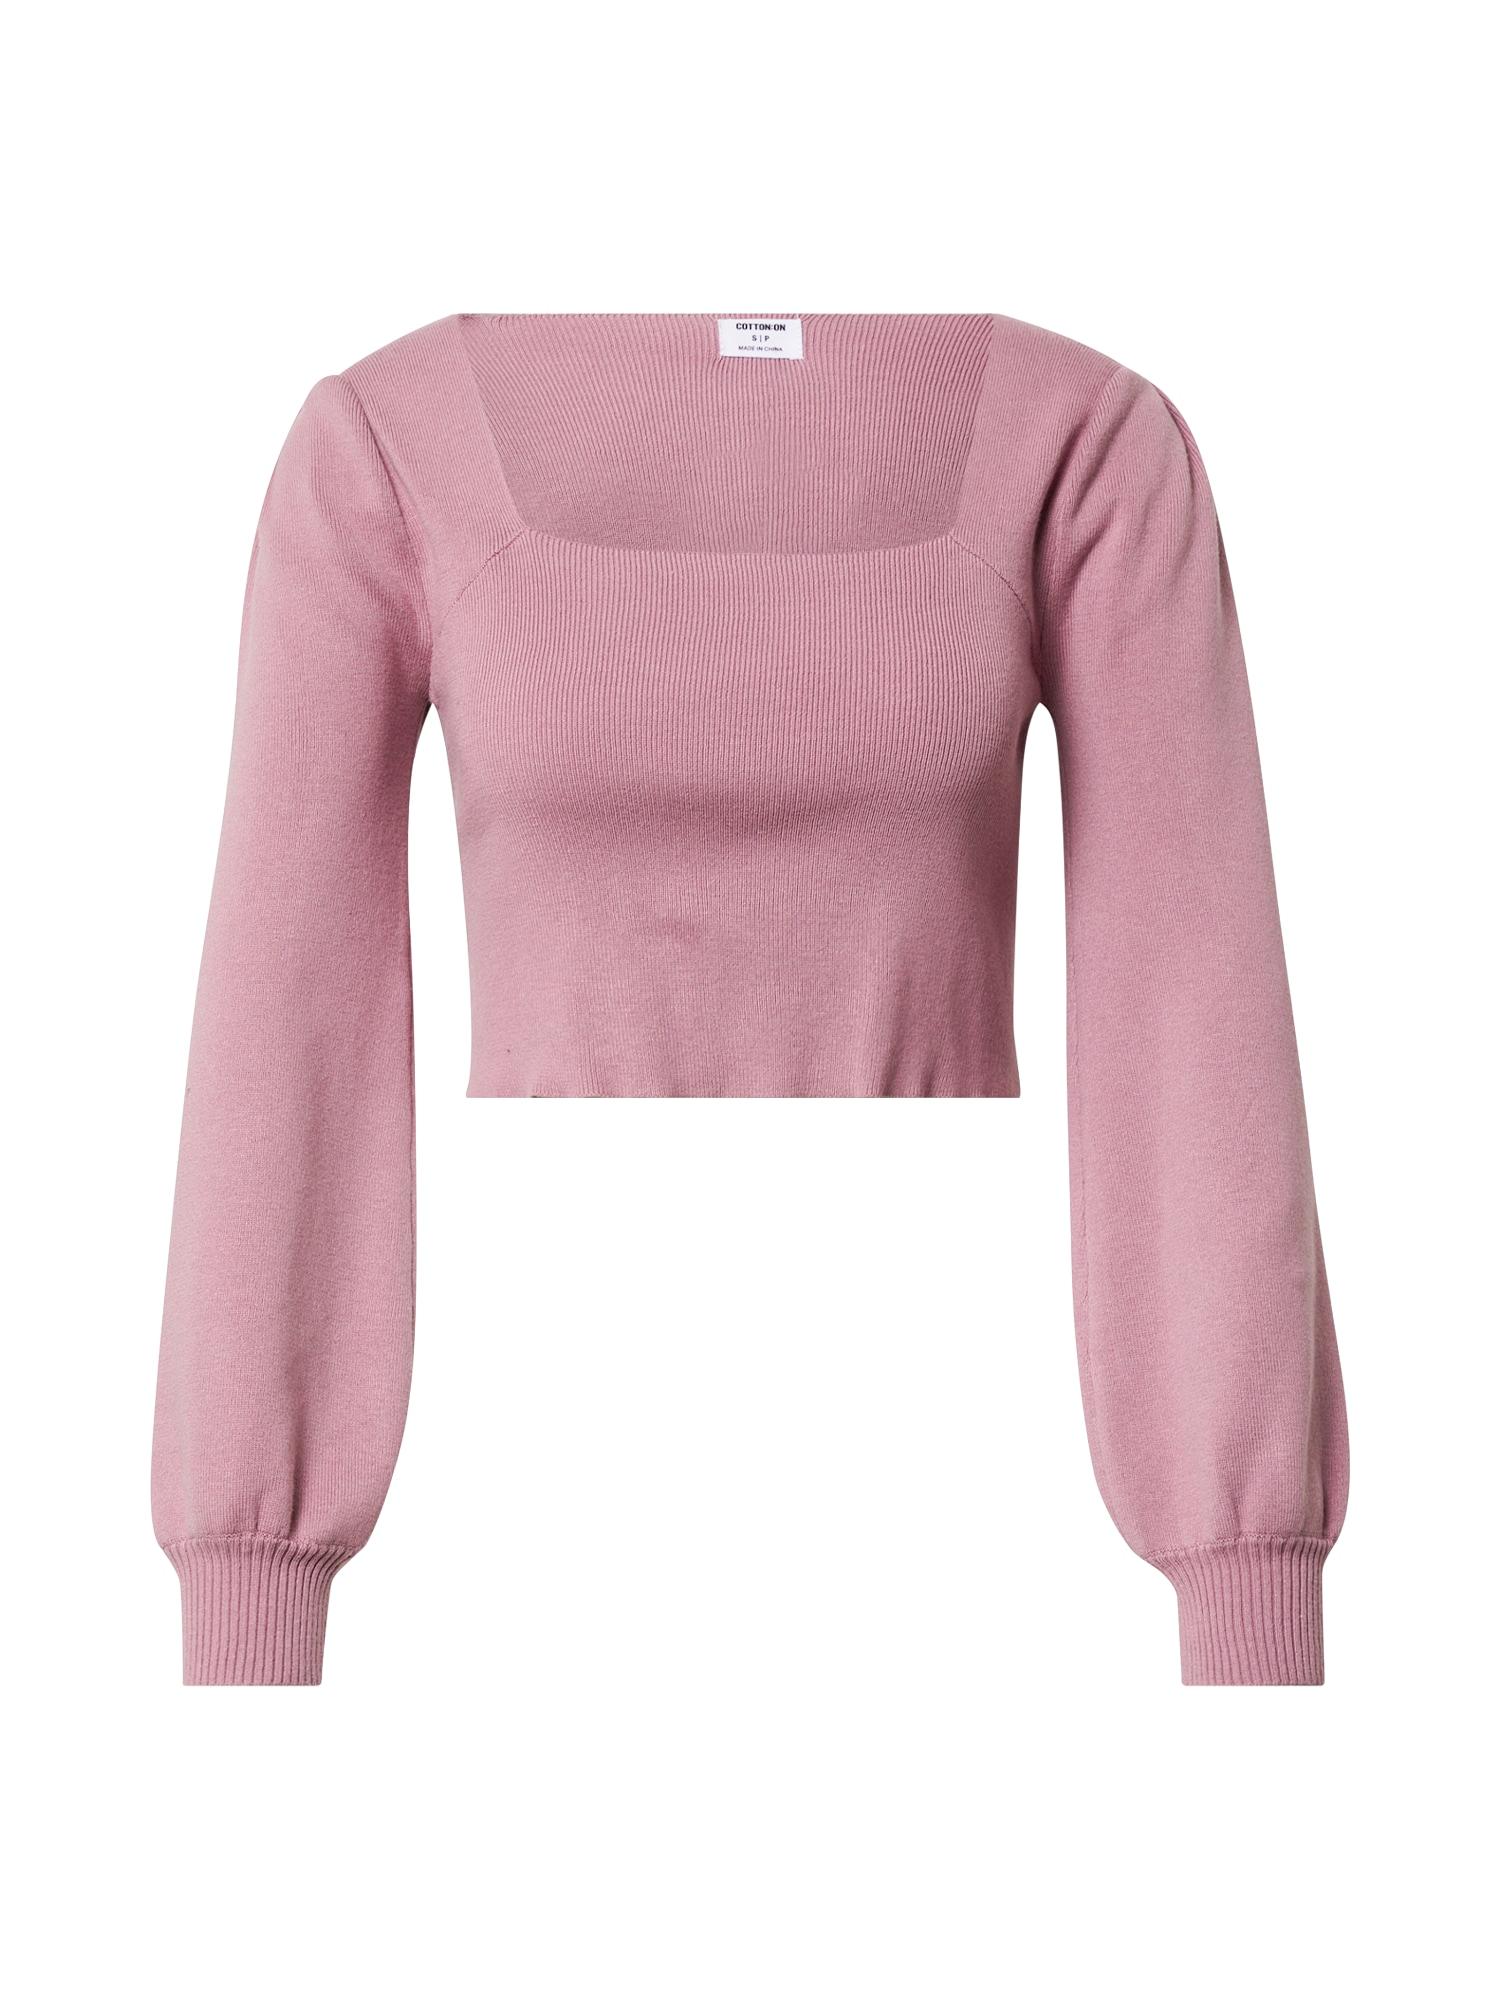 Cotton On Megztinis ryškiai rožinė spalva